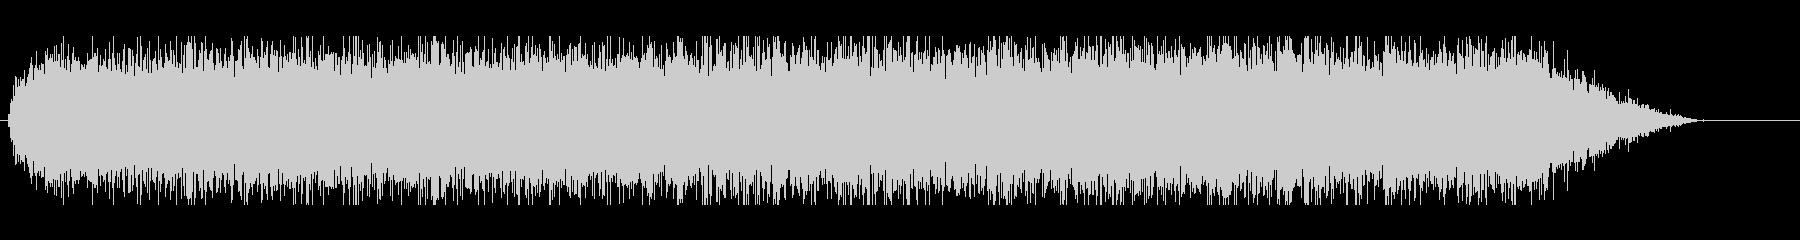 ウィーーン(電動ドライバーの音)3の未再生の波形